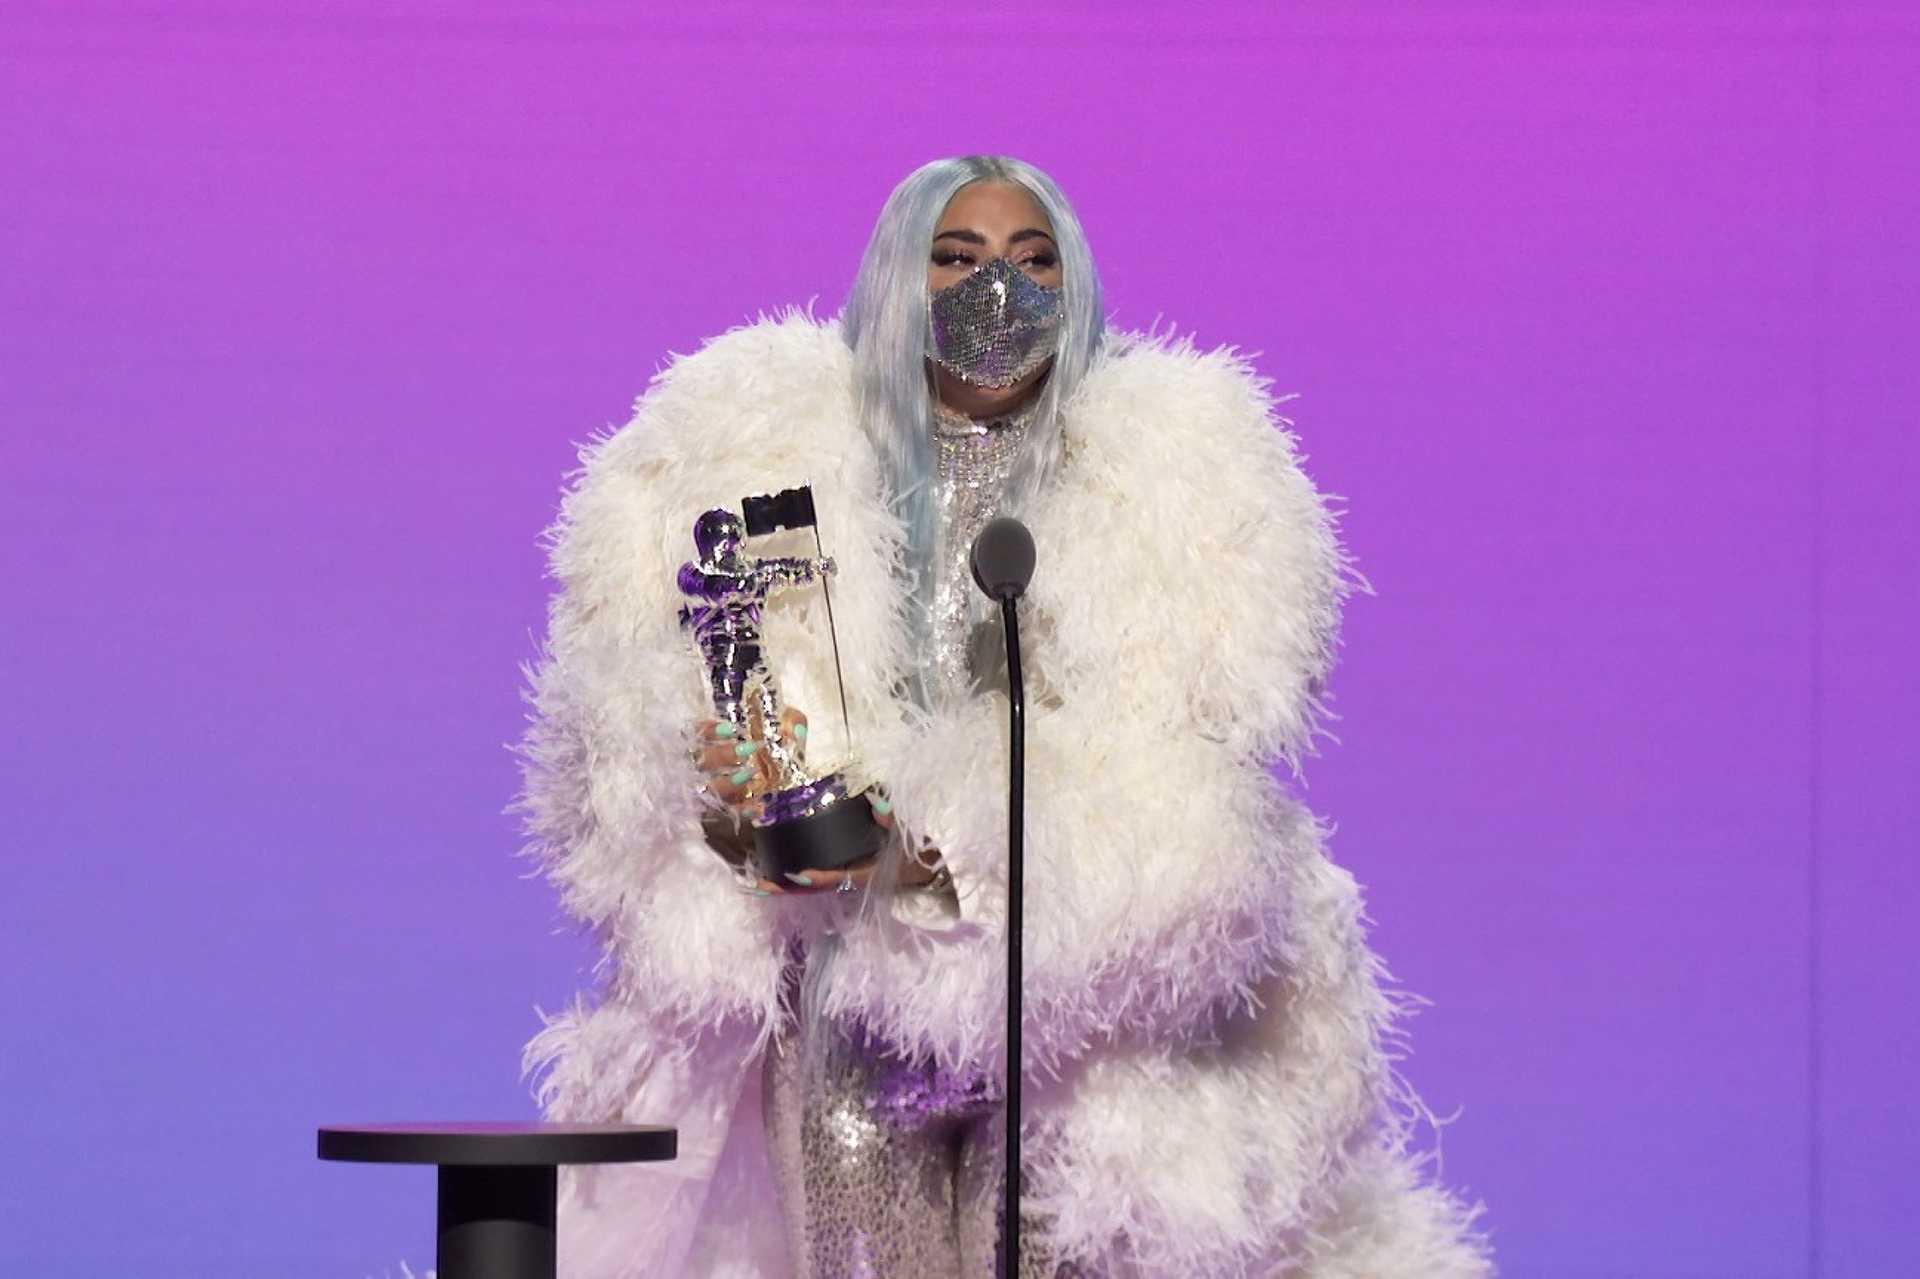 Maszkban vette át a díjat Lady Gaga.